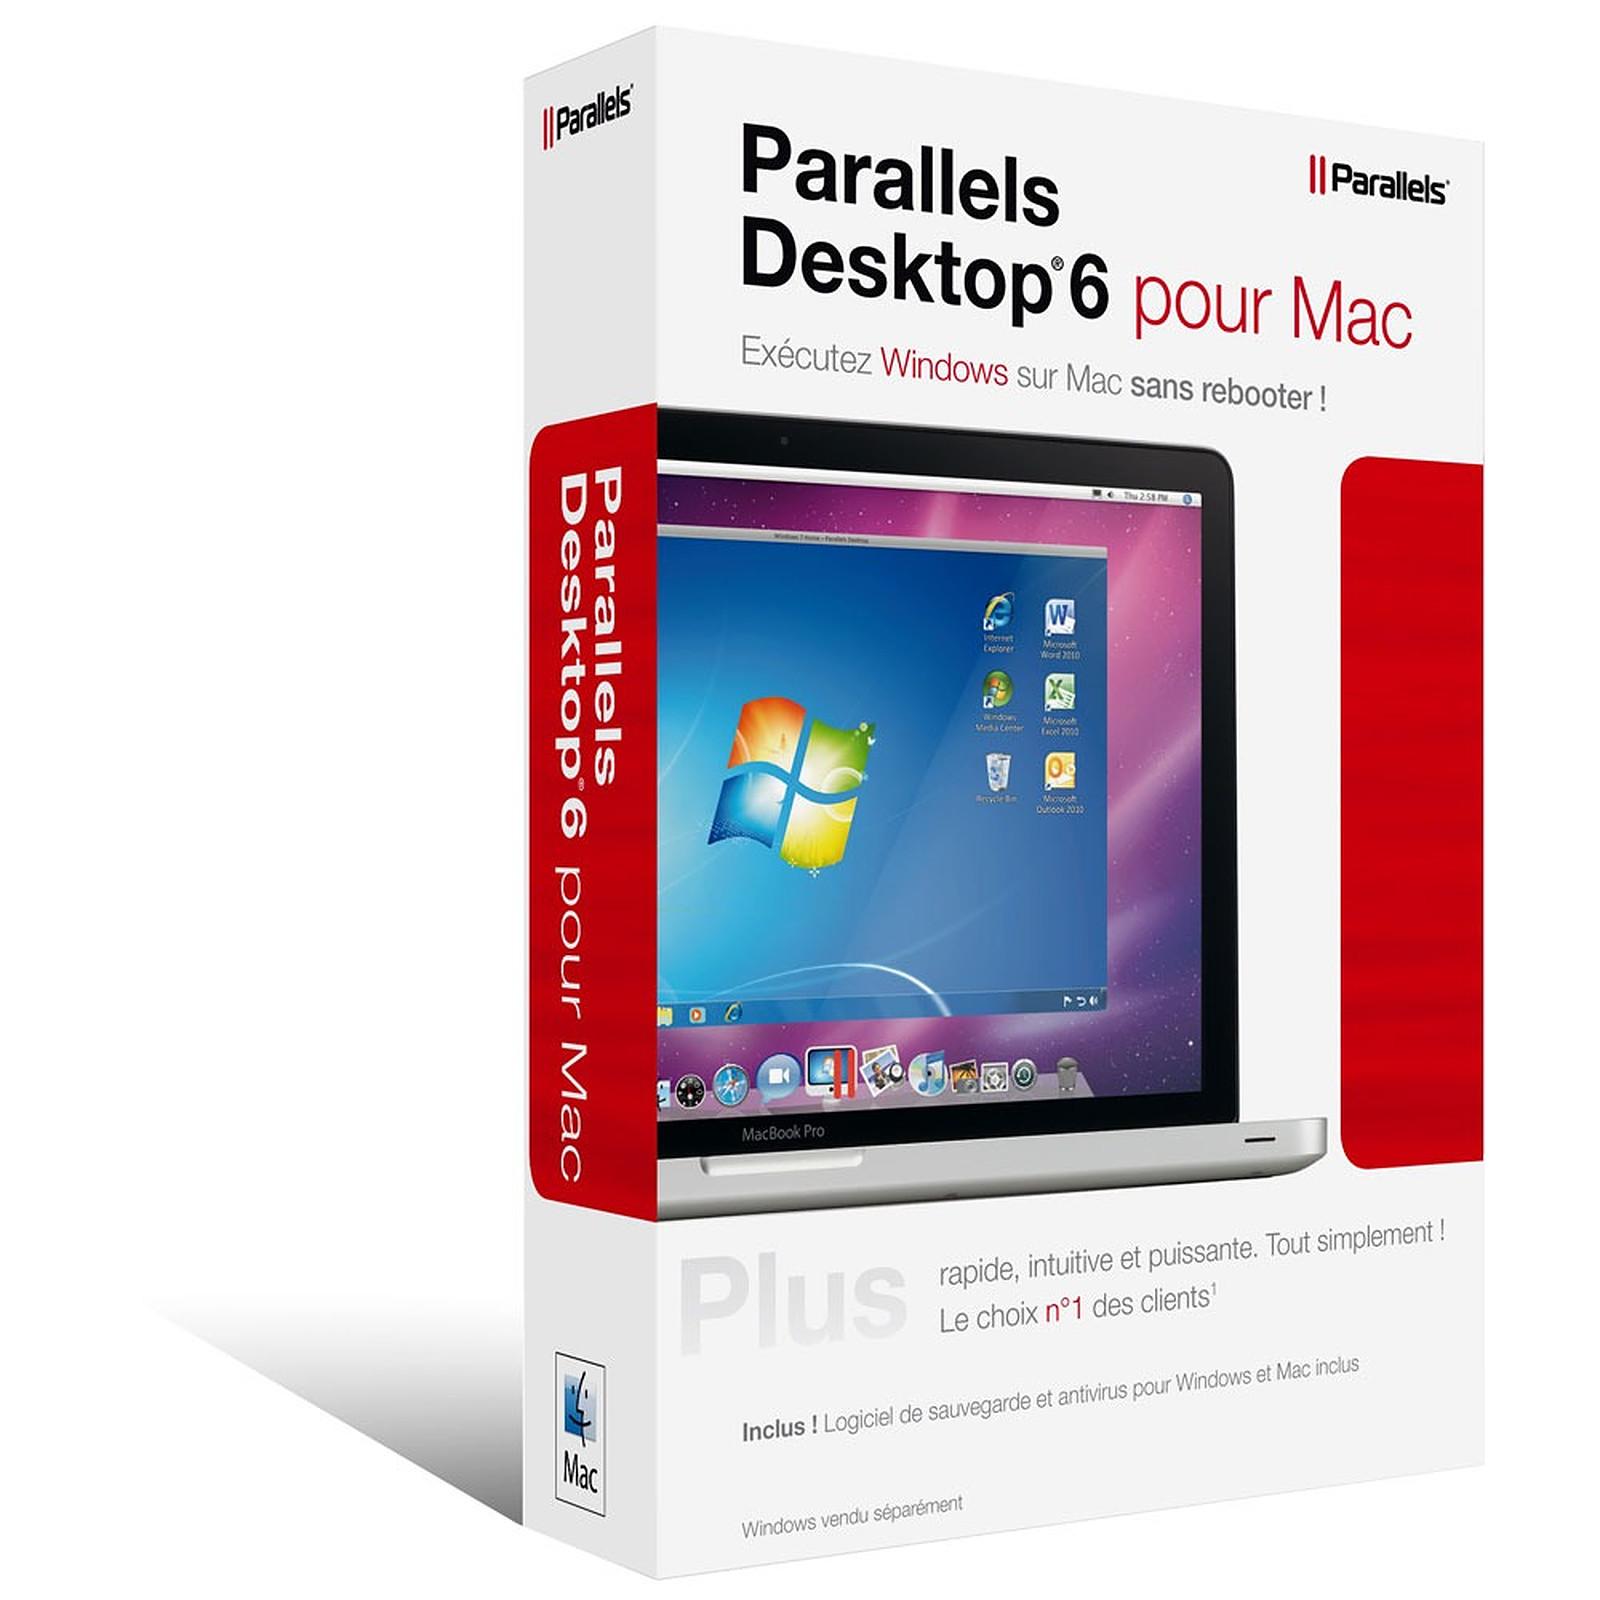 Parallels Desktop 6 pour Mac